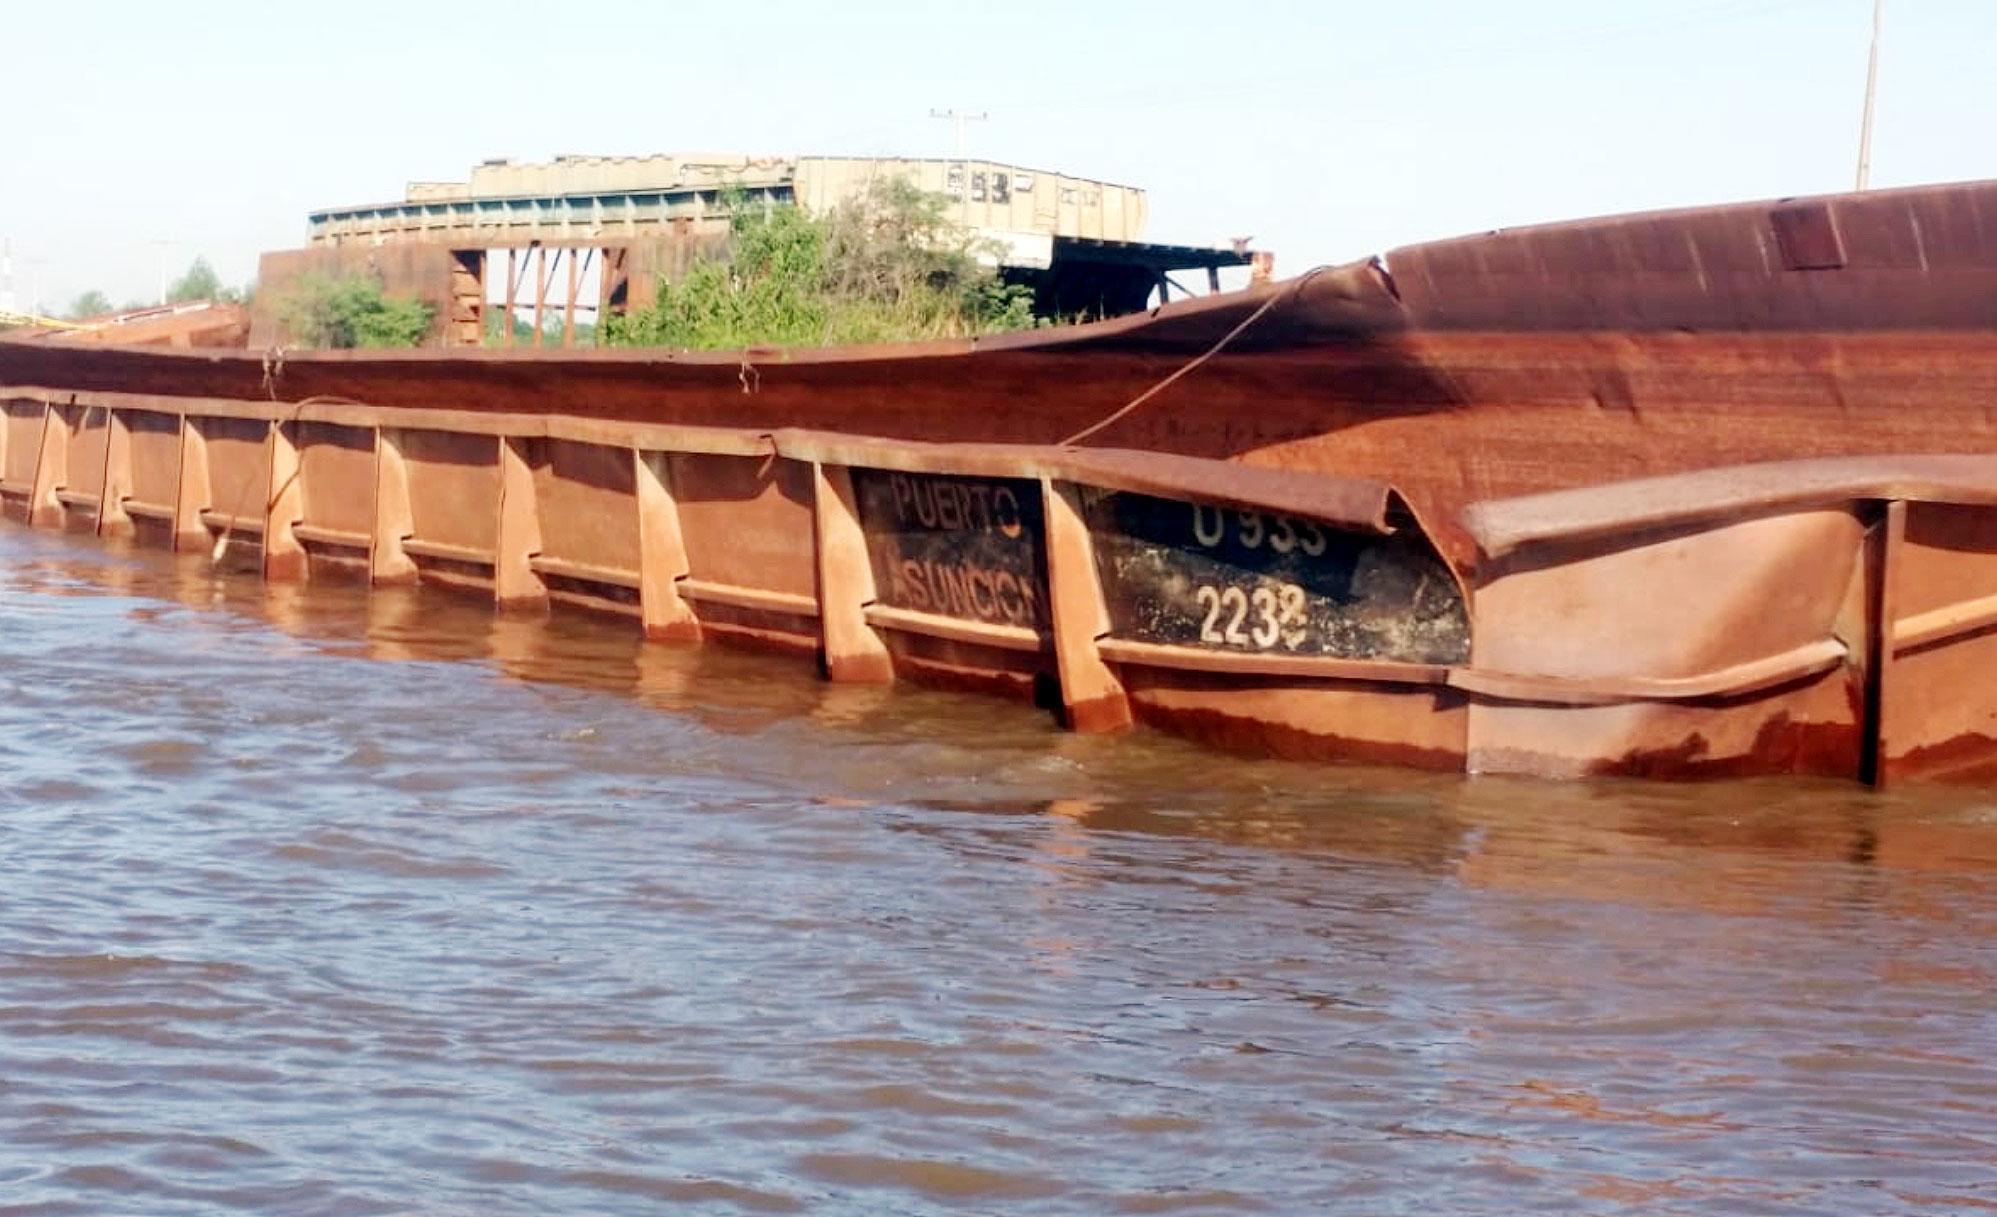 El río es una vía de comunicación. Resulta inadmisible que la navegación se realice en medio barcazas que son chatarras. Cada una de estas barcazas debe ser retirada por sus propietarios, en plazo perentorio. Aplicación de multas es una buena alternativa.